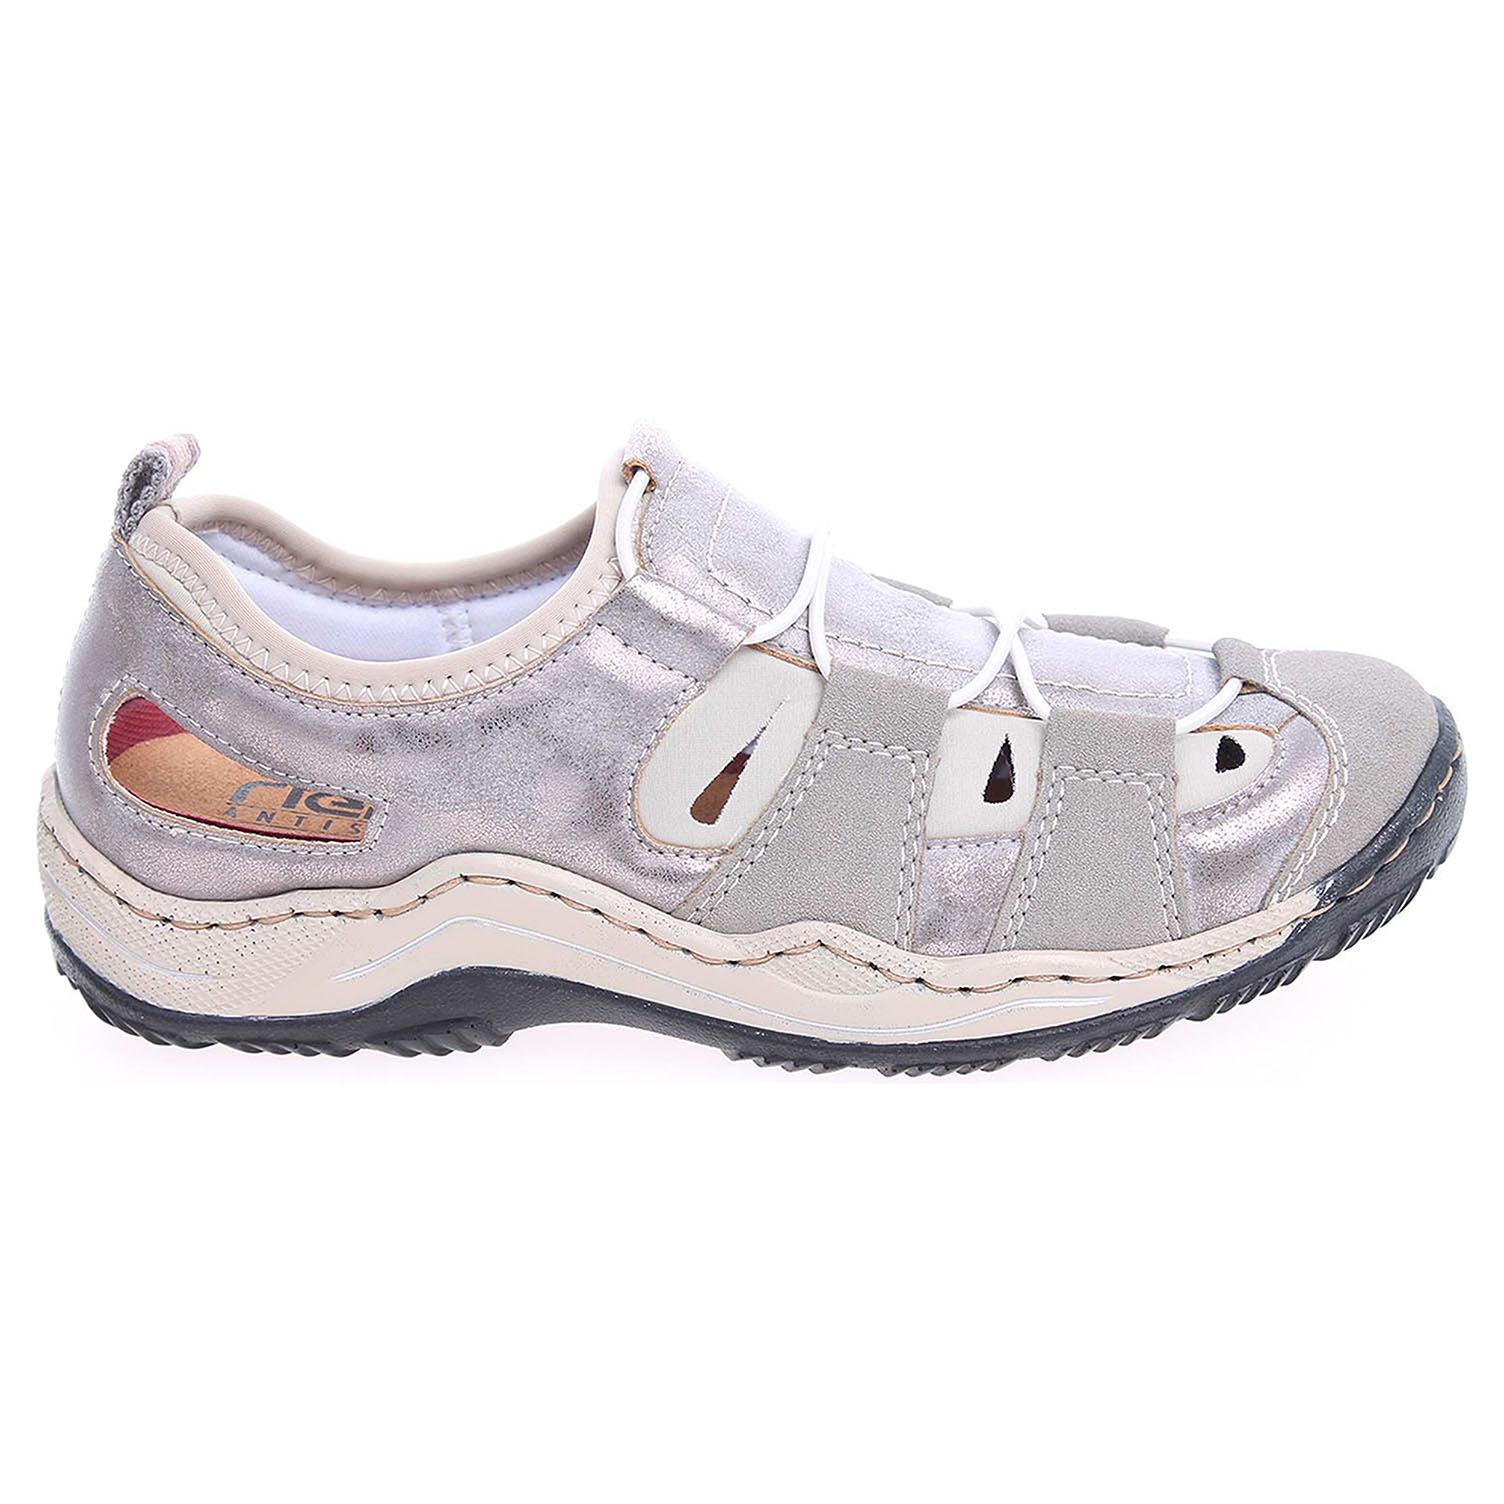 Rieker dámské sandály L0561-41 šedé 36